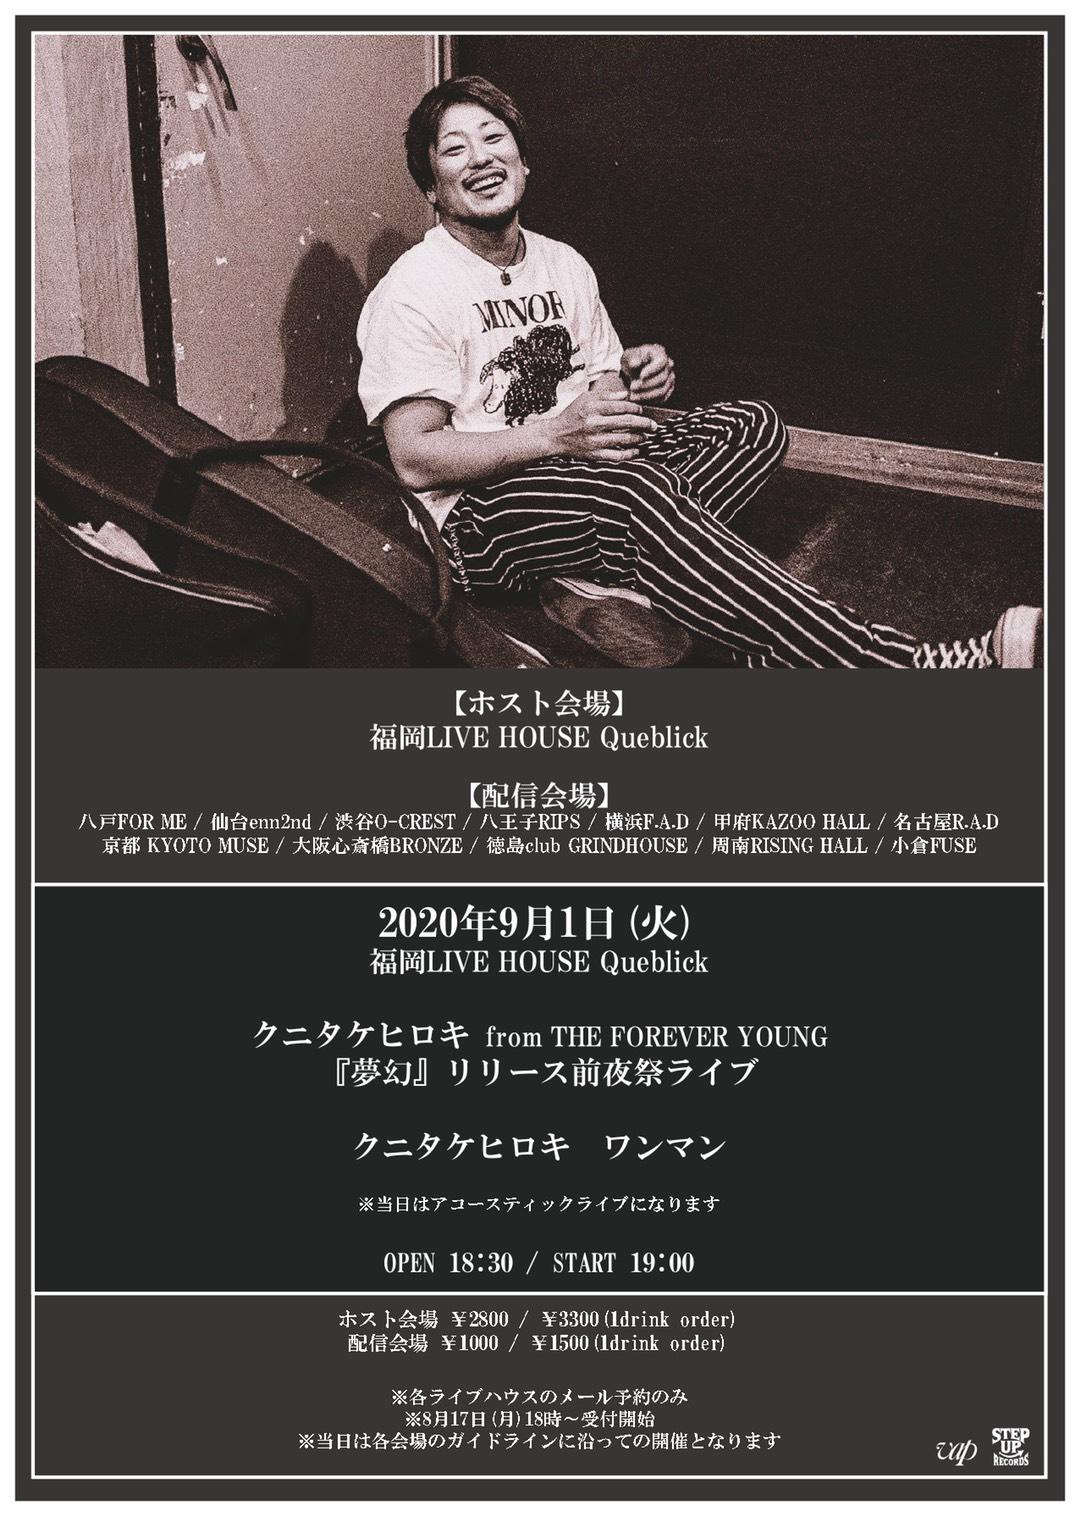 クニタケヒロキ『夢幻』リリース前夜祭ライブ